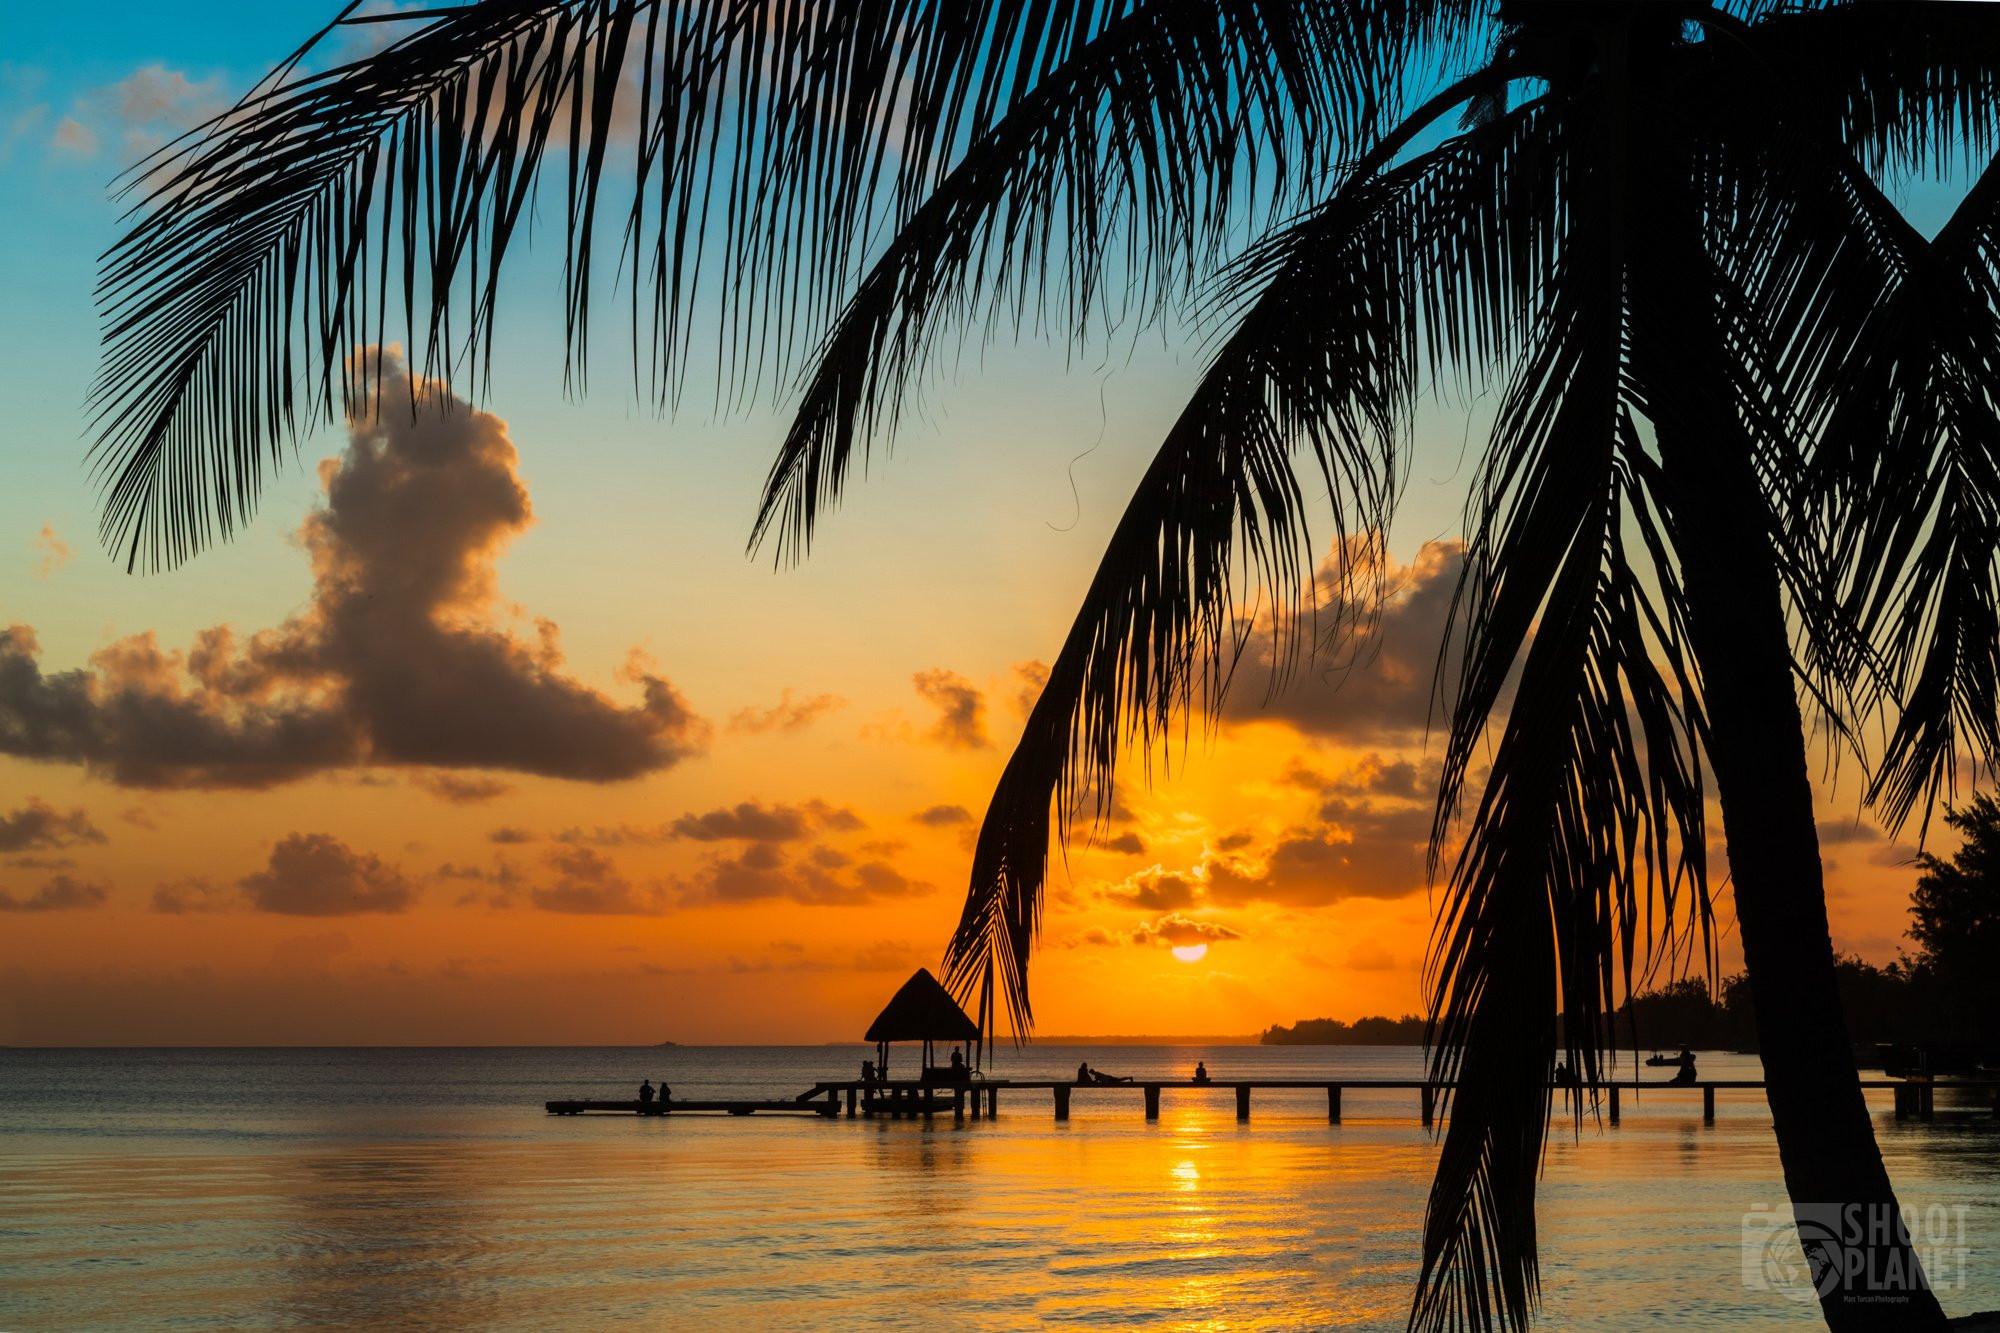 Sunset palm tree silhouettes, Rangiroa, Polynesia